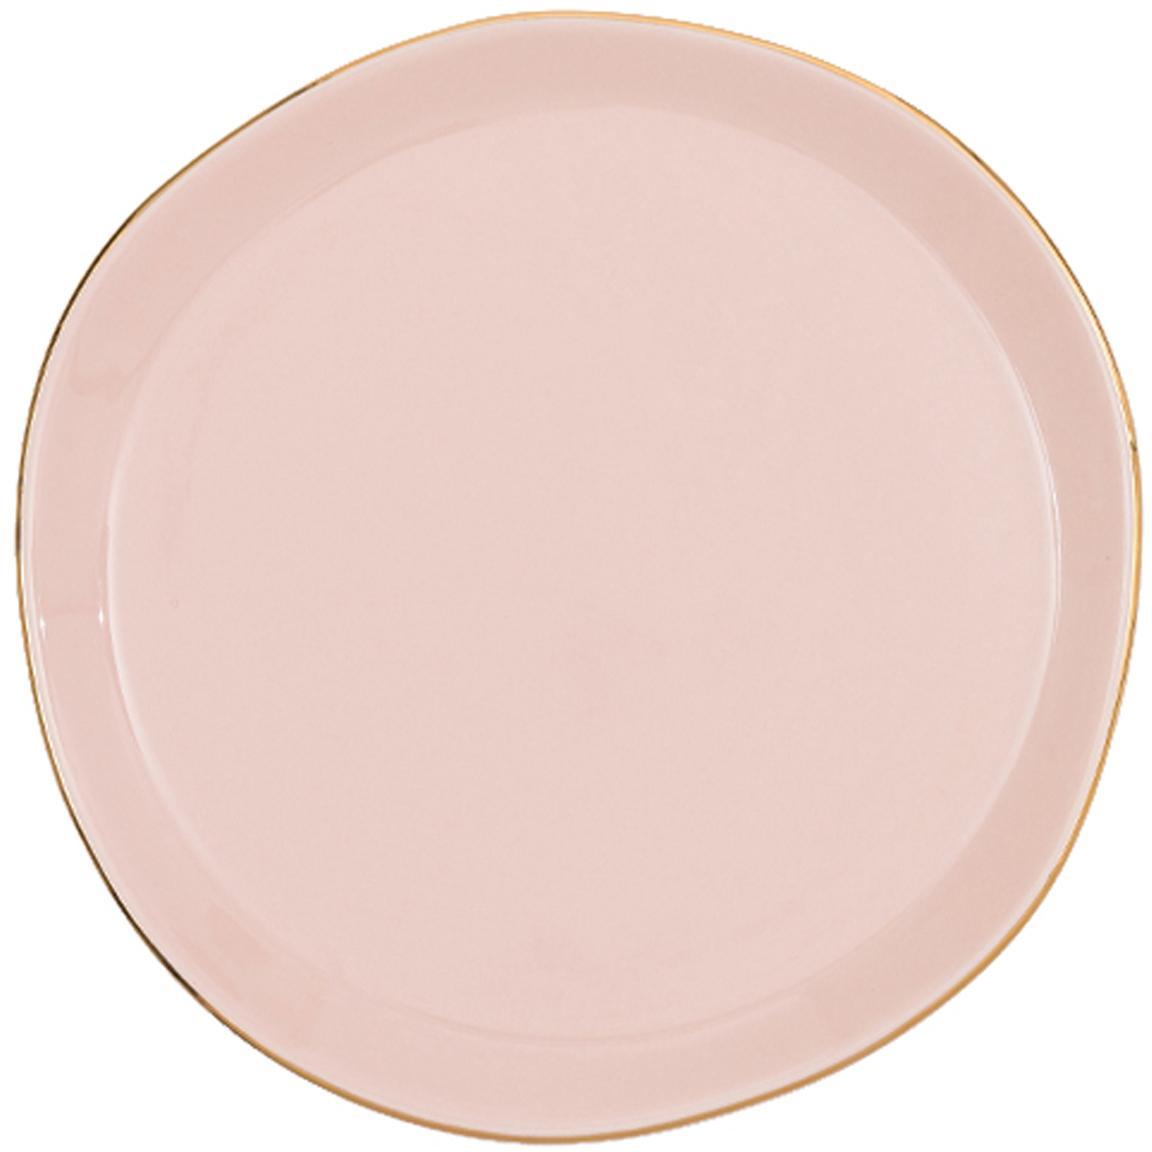 Piattino da dessert con bordo dorato Good Morning, Porcellana, Rosa, dorato, Ø 17 cm